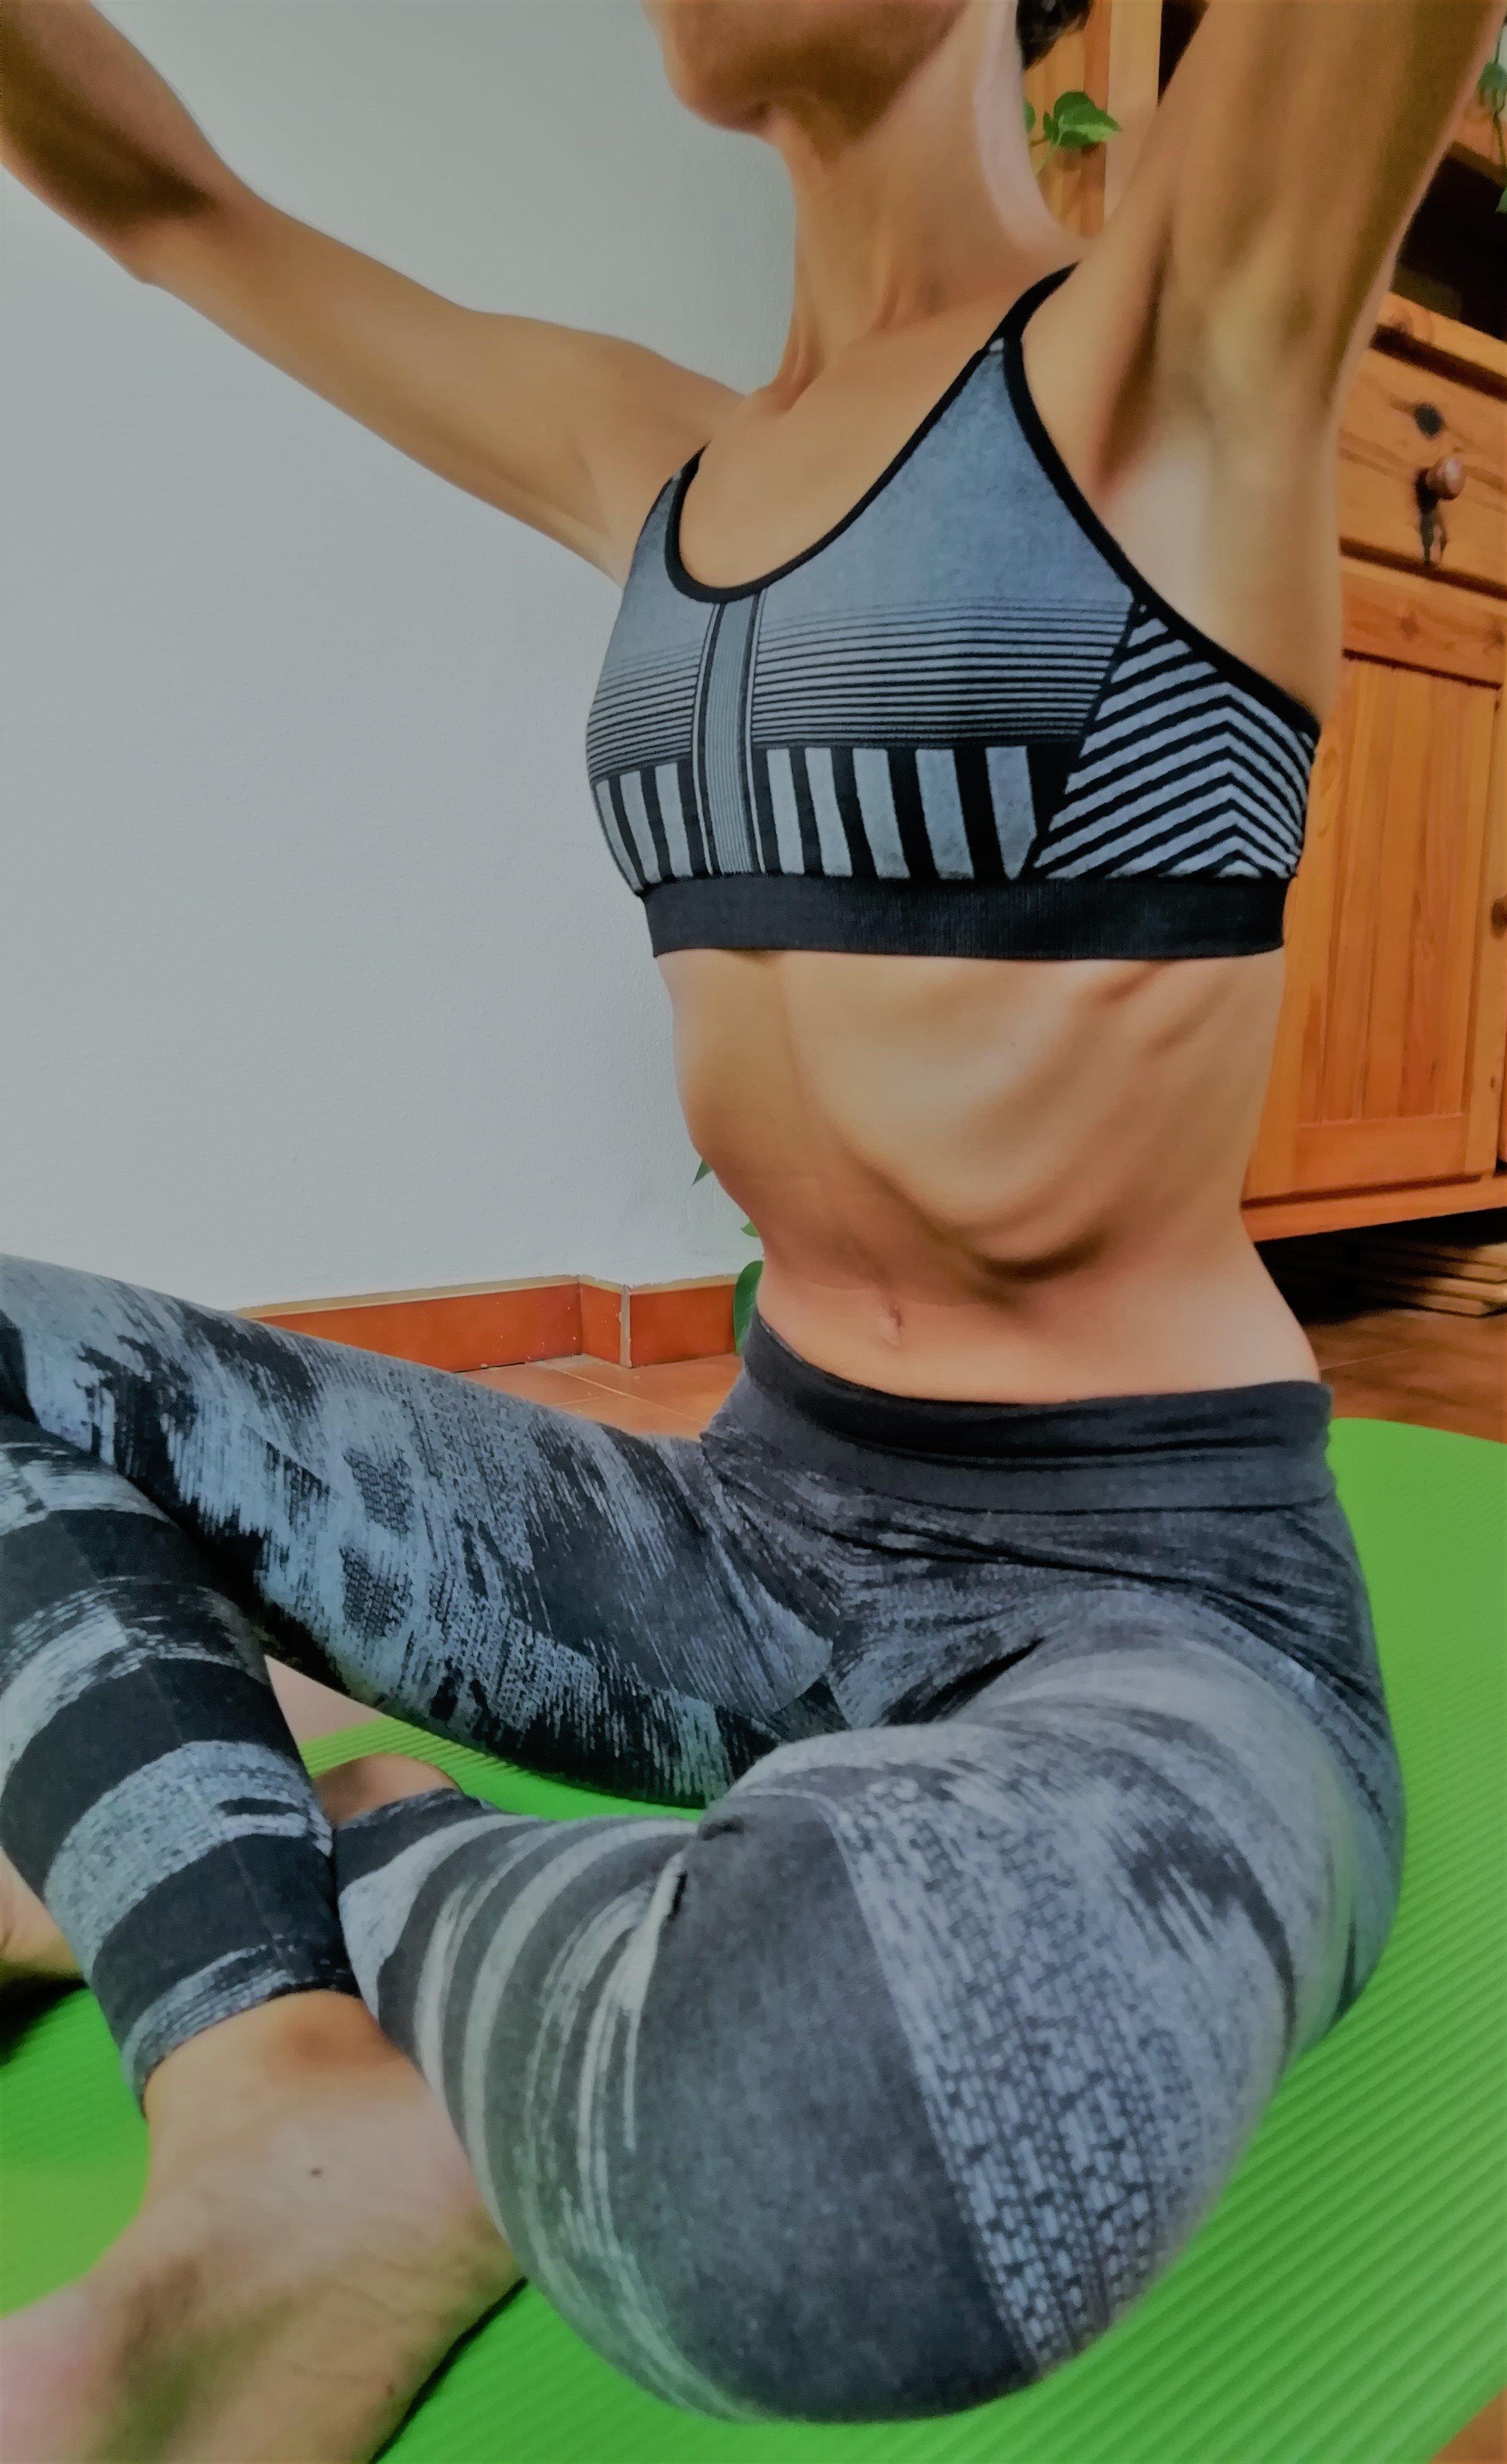 ejercicios respiratorios para hernia de hiato